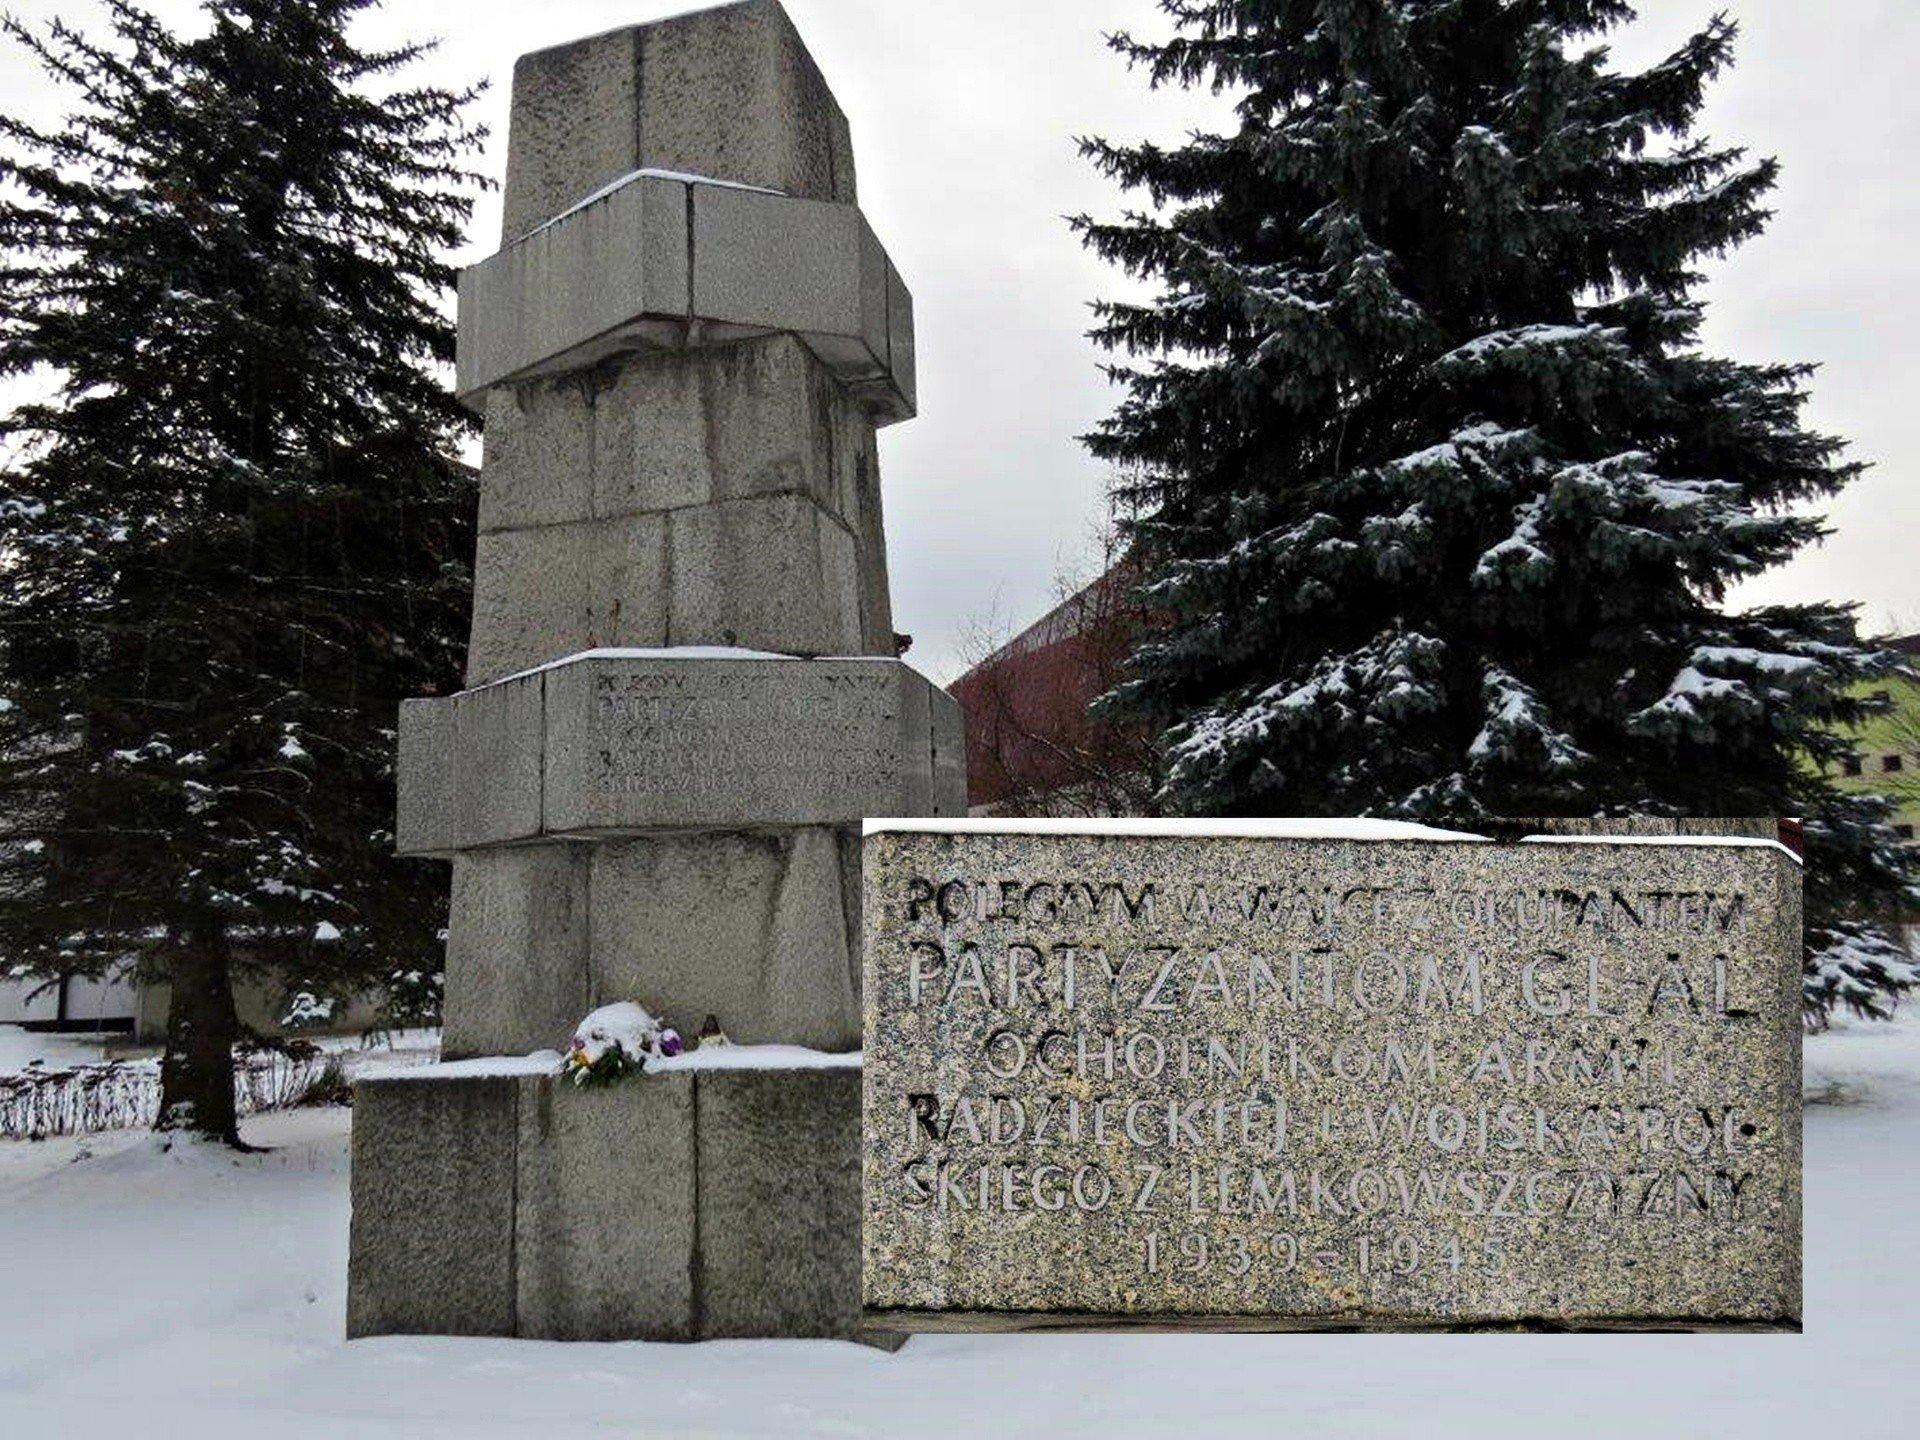 Duda Magorzata-Pokoje Domek - Rusinowo, w Rusinowie